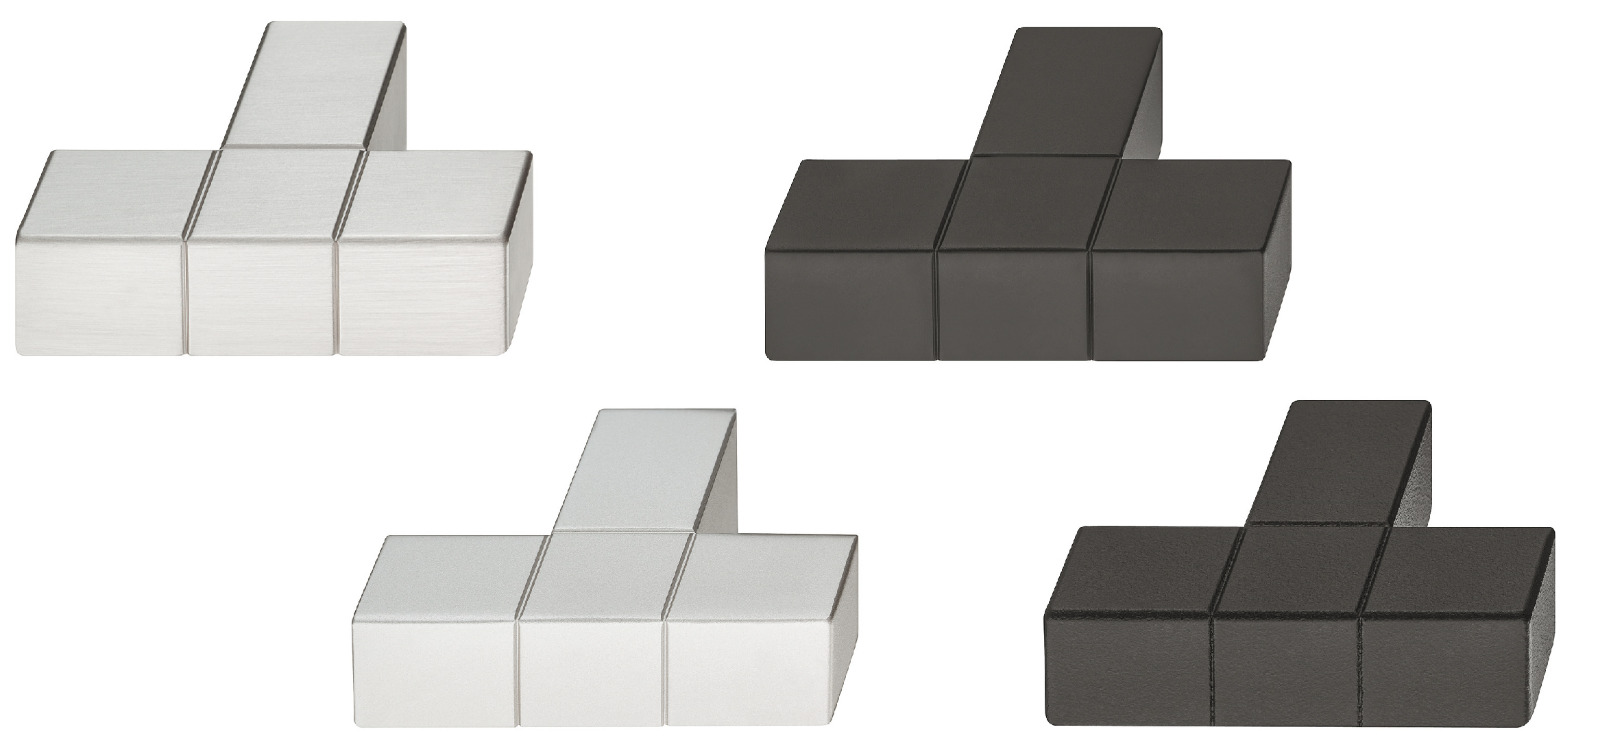 Full Size of Mbelknpfe Mehr Als 500 Angebote Ausgefallene Betten Möbelgriffe Küche Wohnzimmer Ausgefallene Möbelgriffe